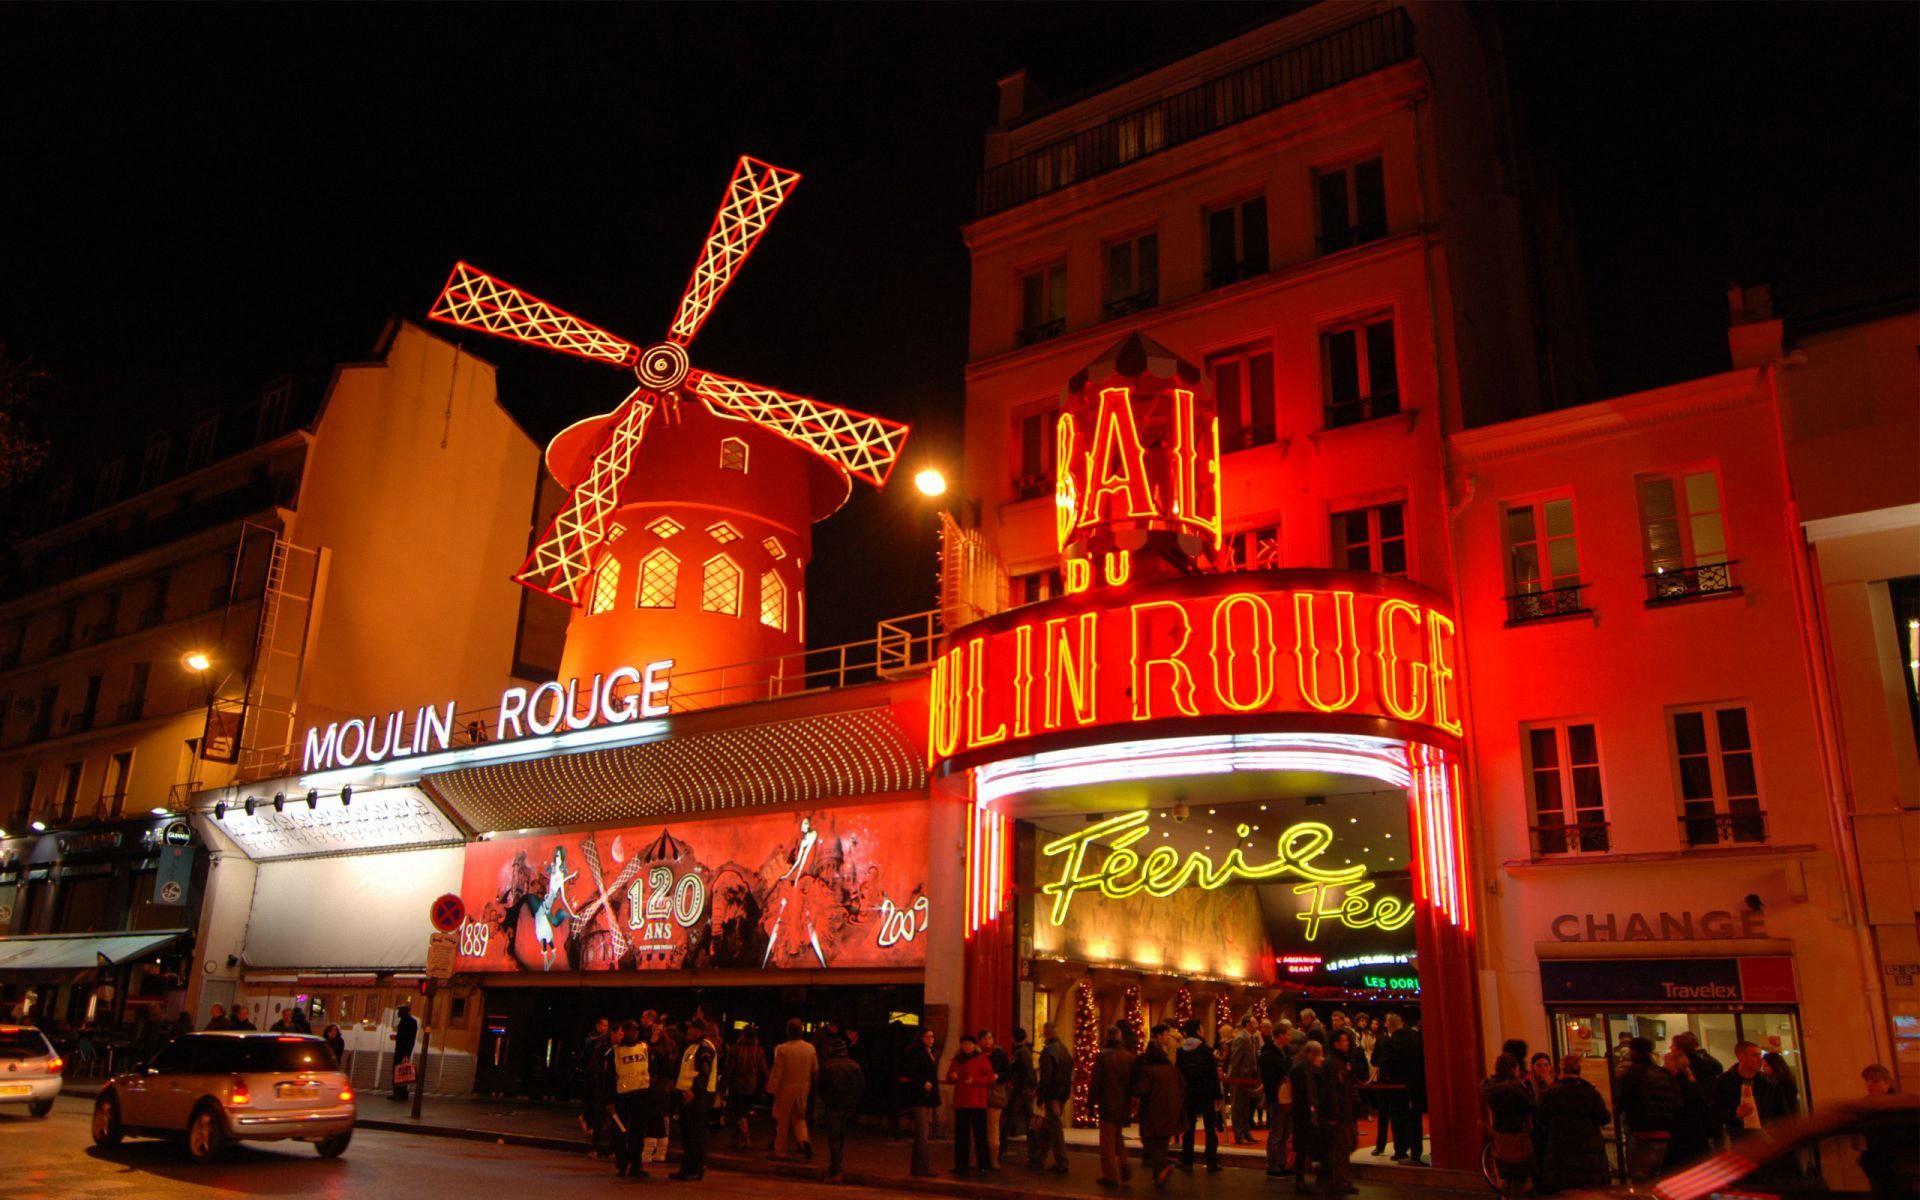 Paris Moulin Rouge - 1920x1200